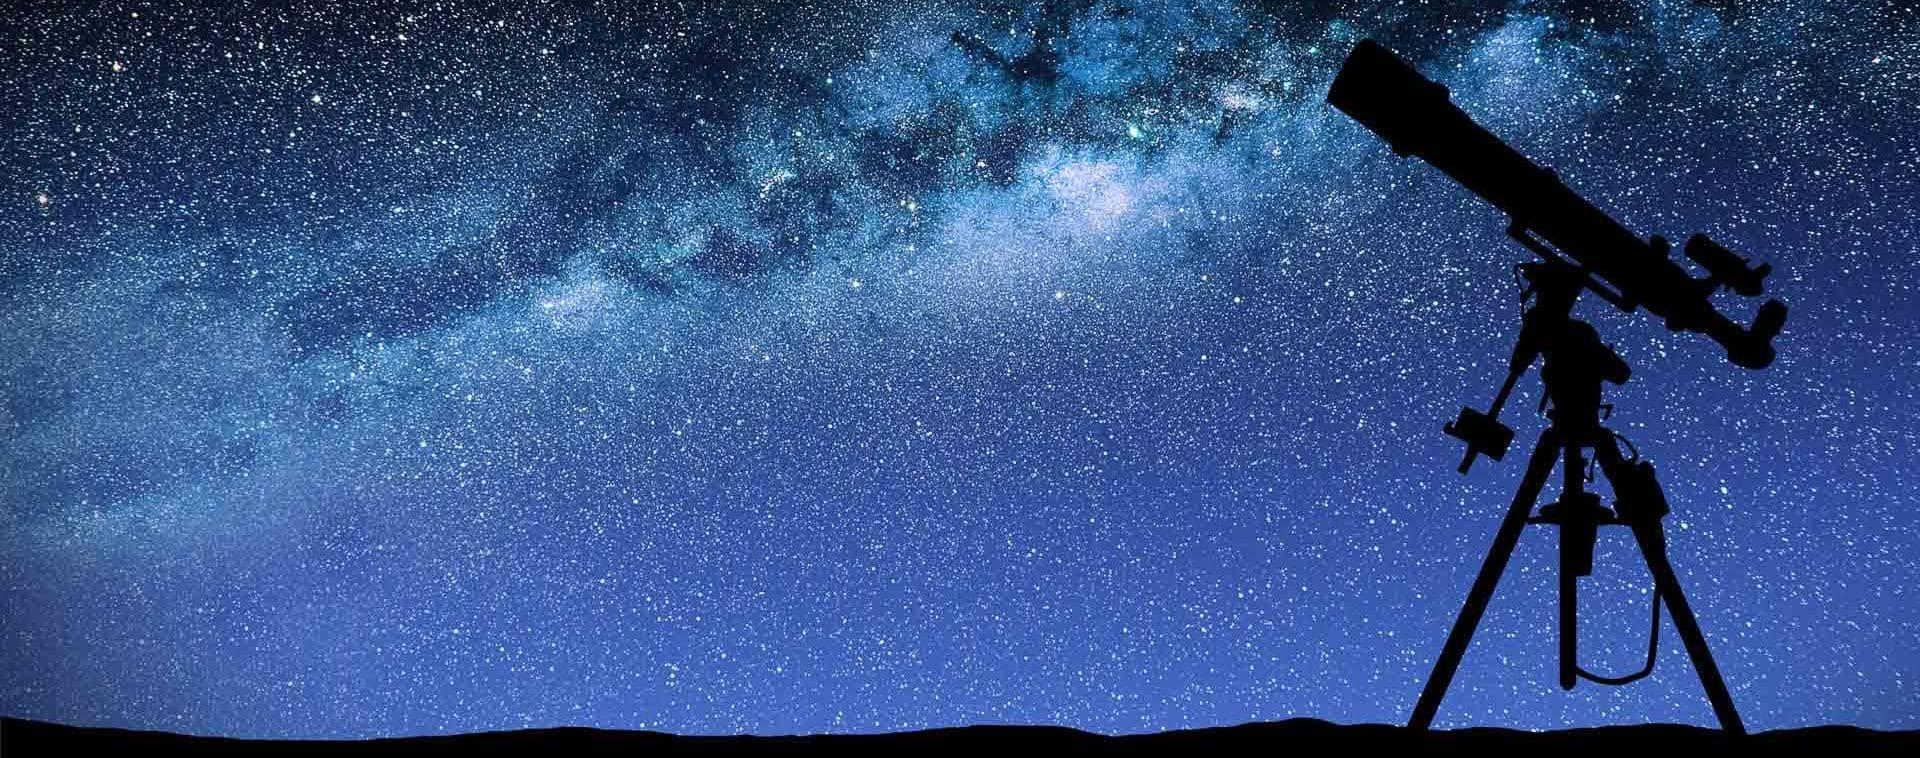 ميزات علم الفلك